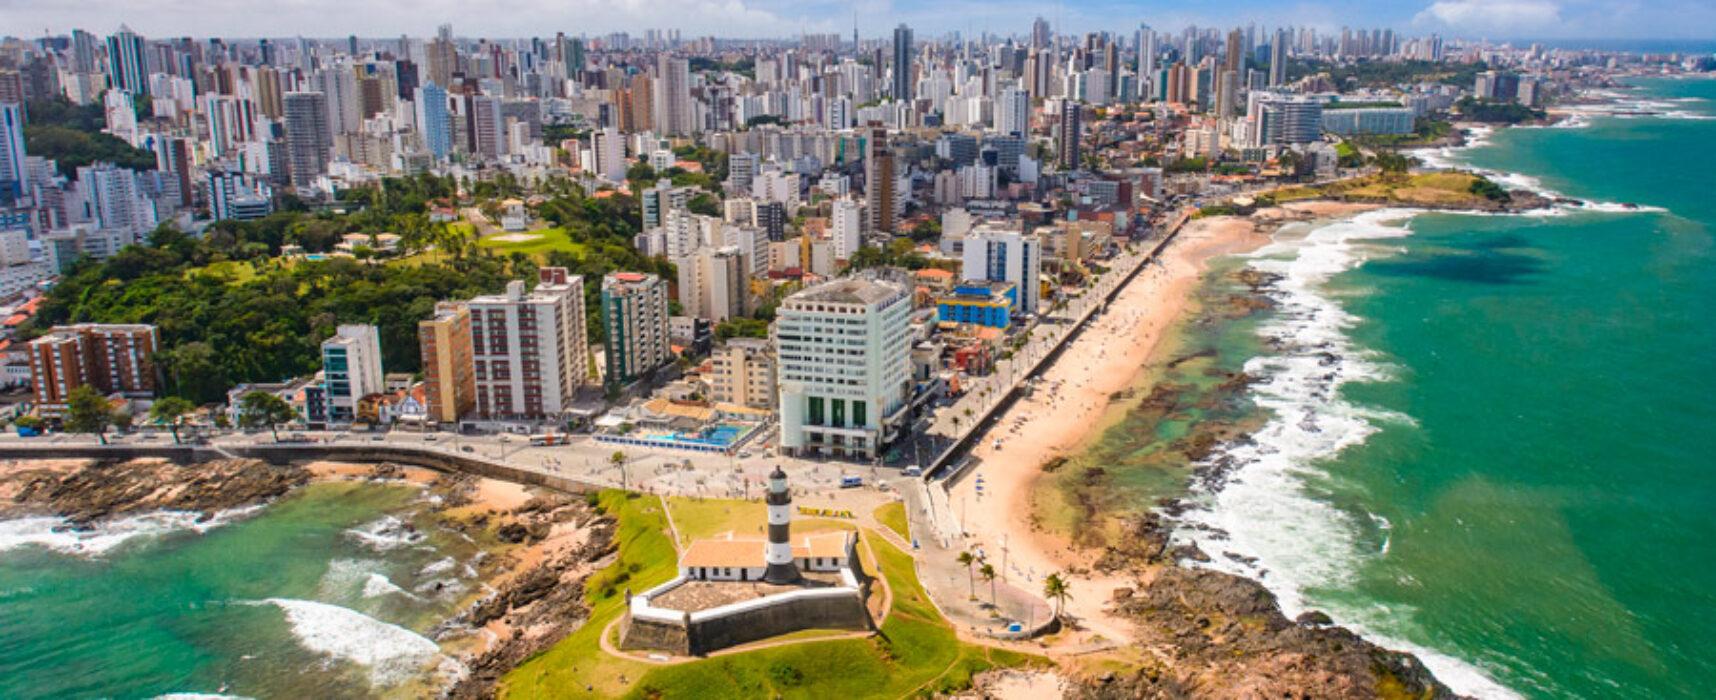 Medidas mais restritivas começam hoje (29) em Salvador e RMS; confira regras